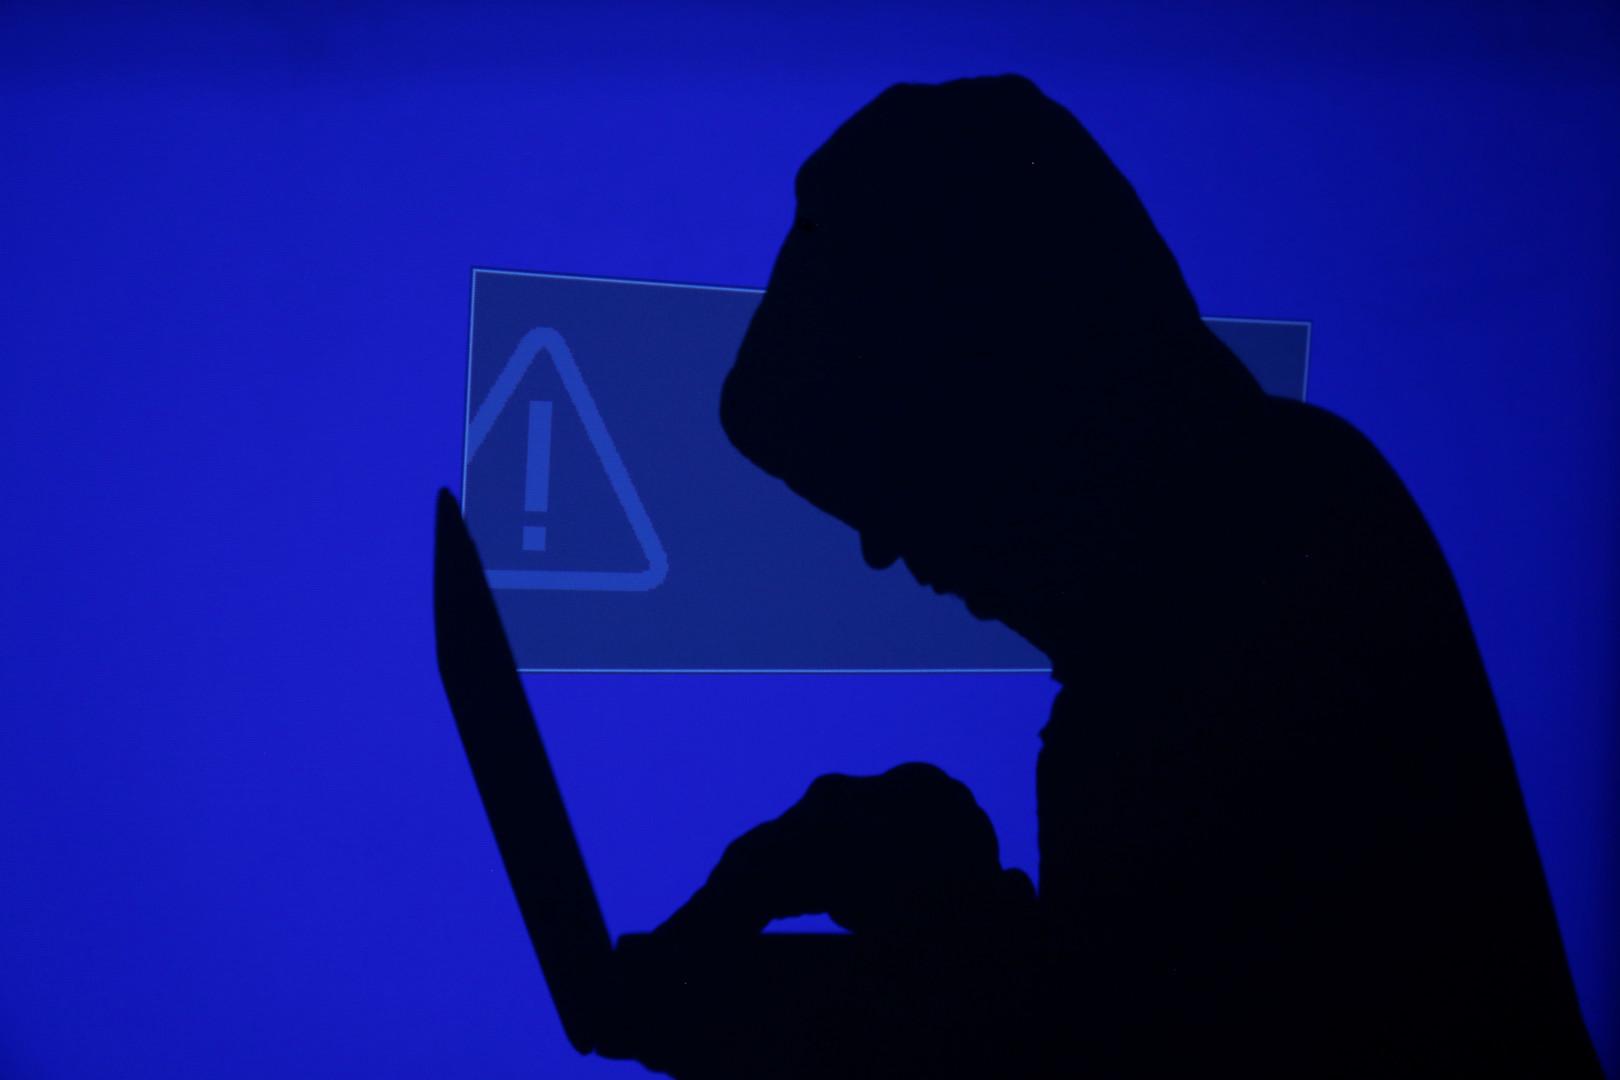 Хакер передал СМИ переписку представителя Госдепа США по России